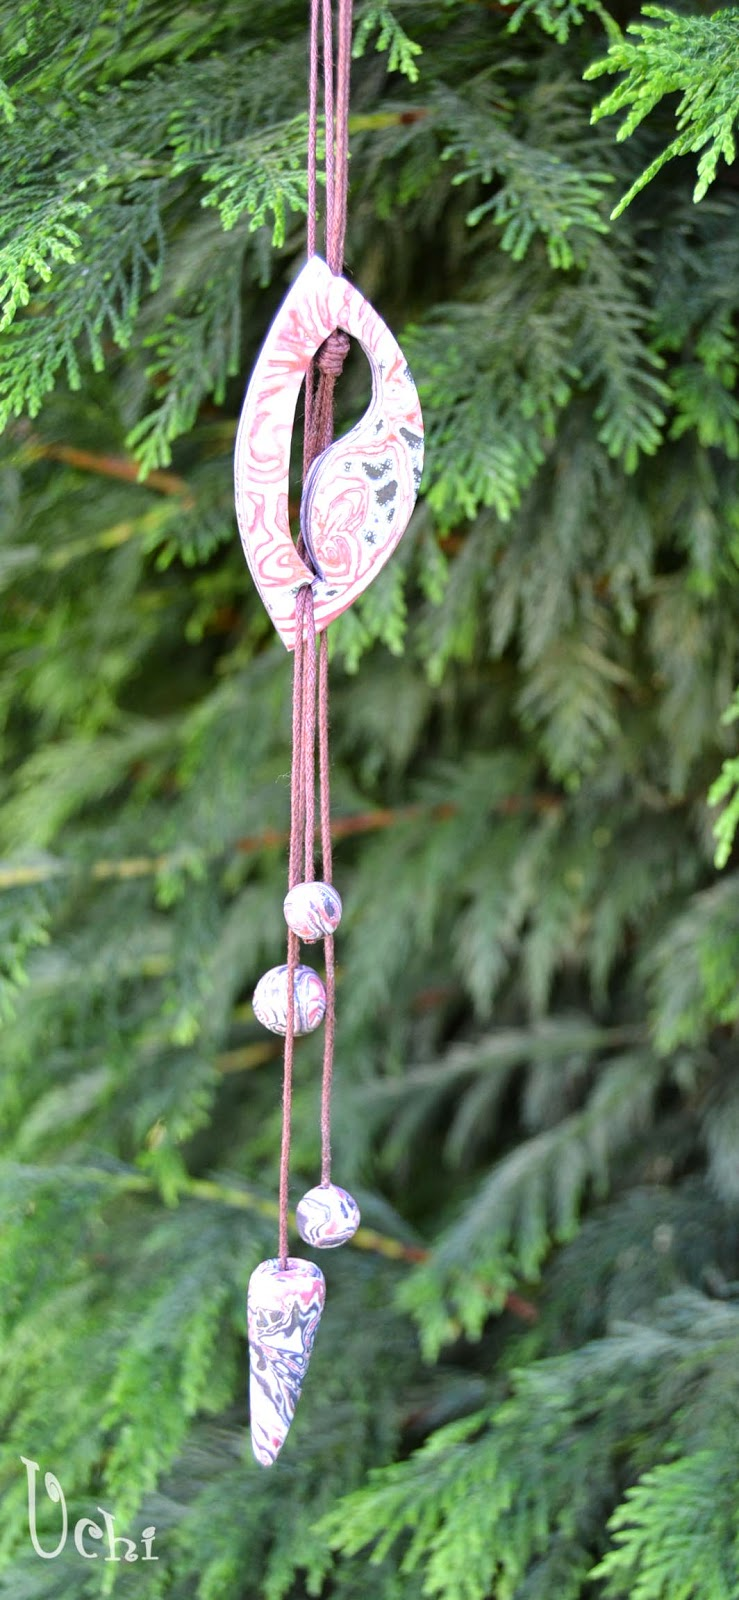 arcilla polimérica, polymer clay, fimo, bisuteria, jewelry, colgante, pendant, collar, necklace